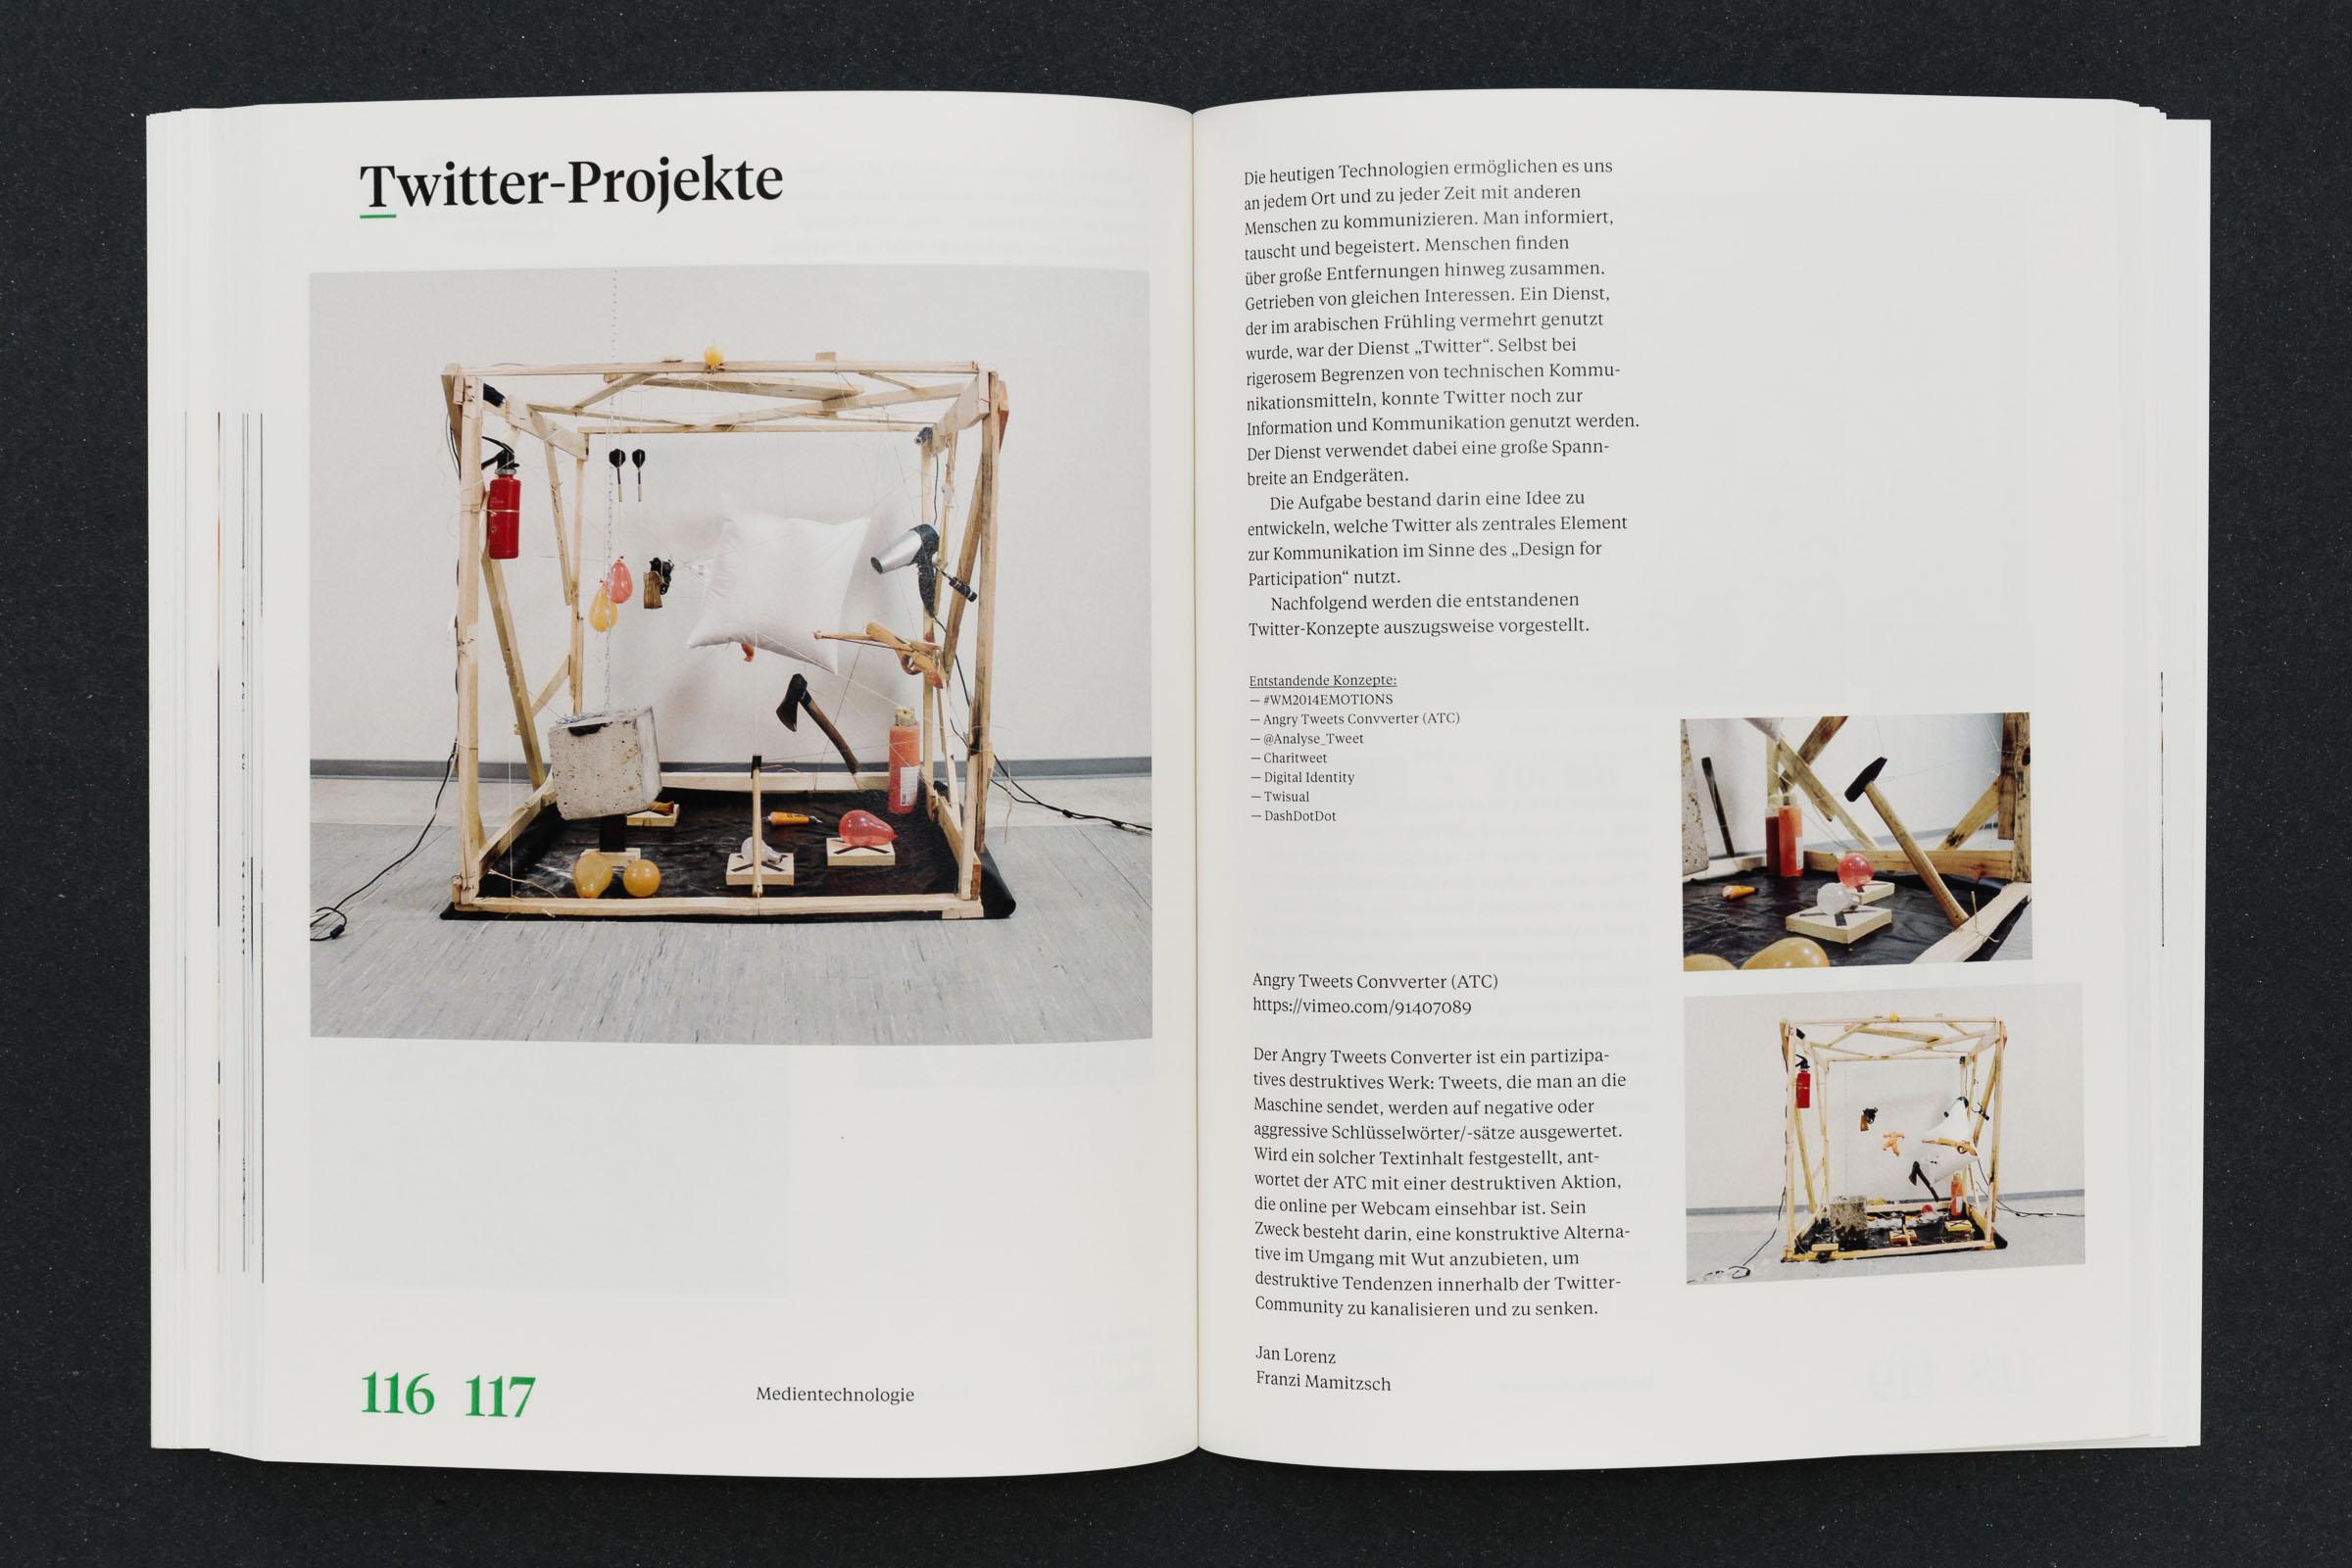 Doppelseite mit Bild und Typografie Twitter-Projekte Werkbericht – Design for Participation © Christian Weber – Büro für Gestaltung und Kommunikation